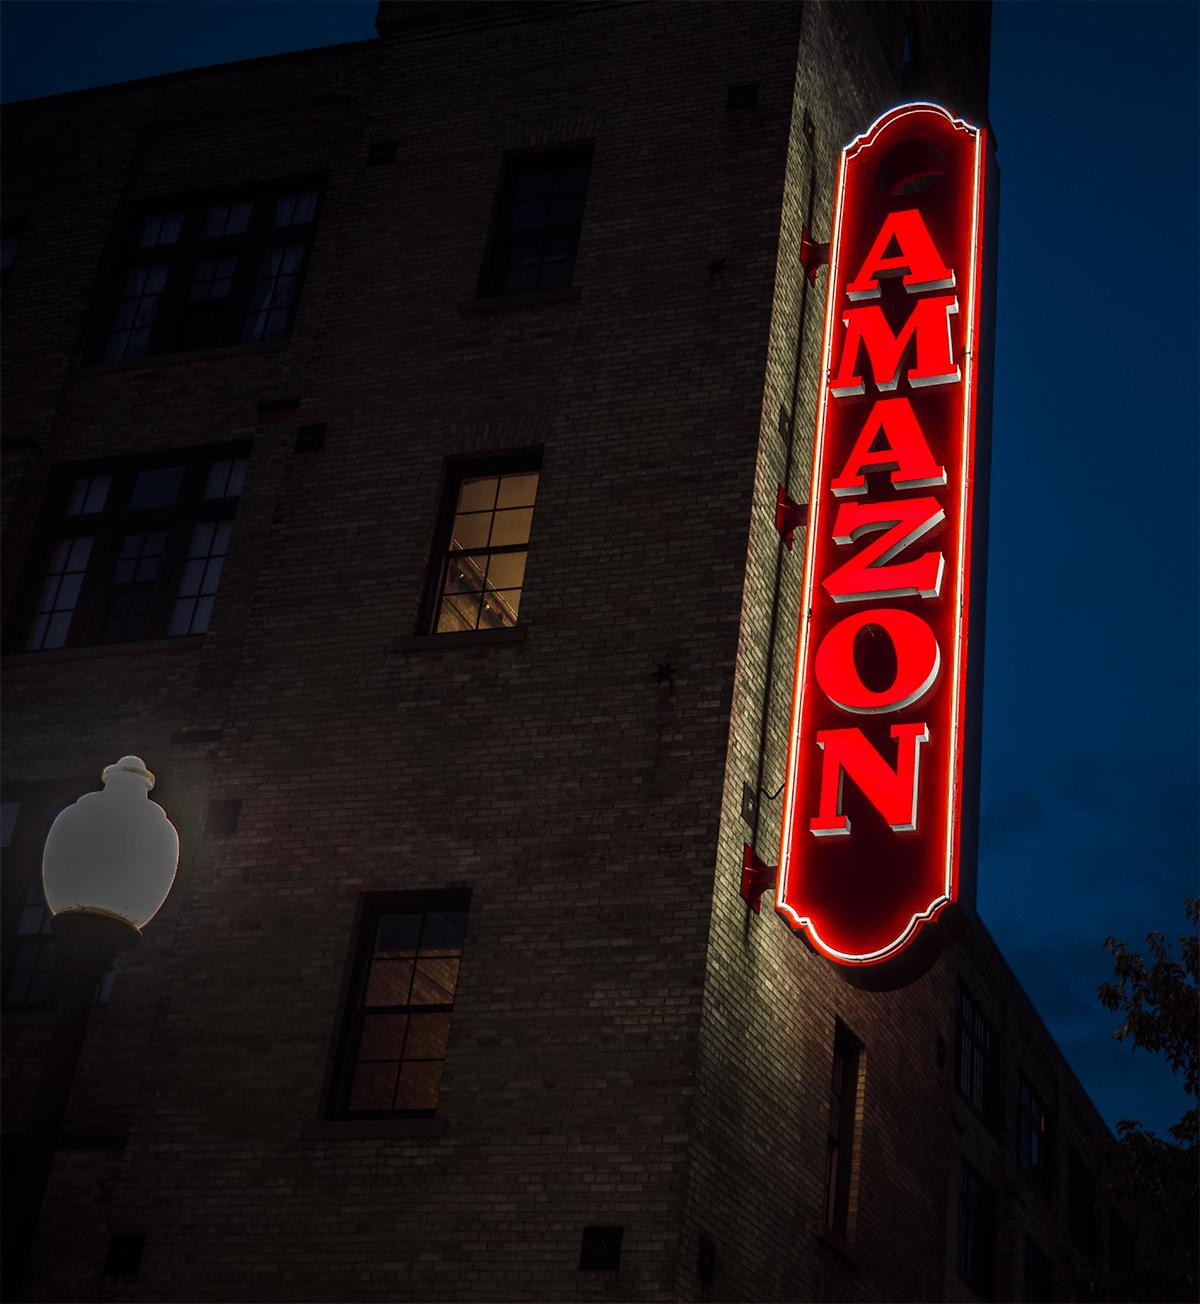 Amazon LED sign